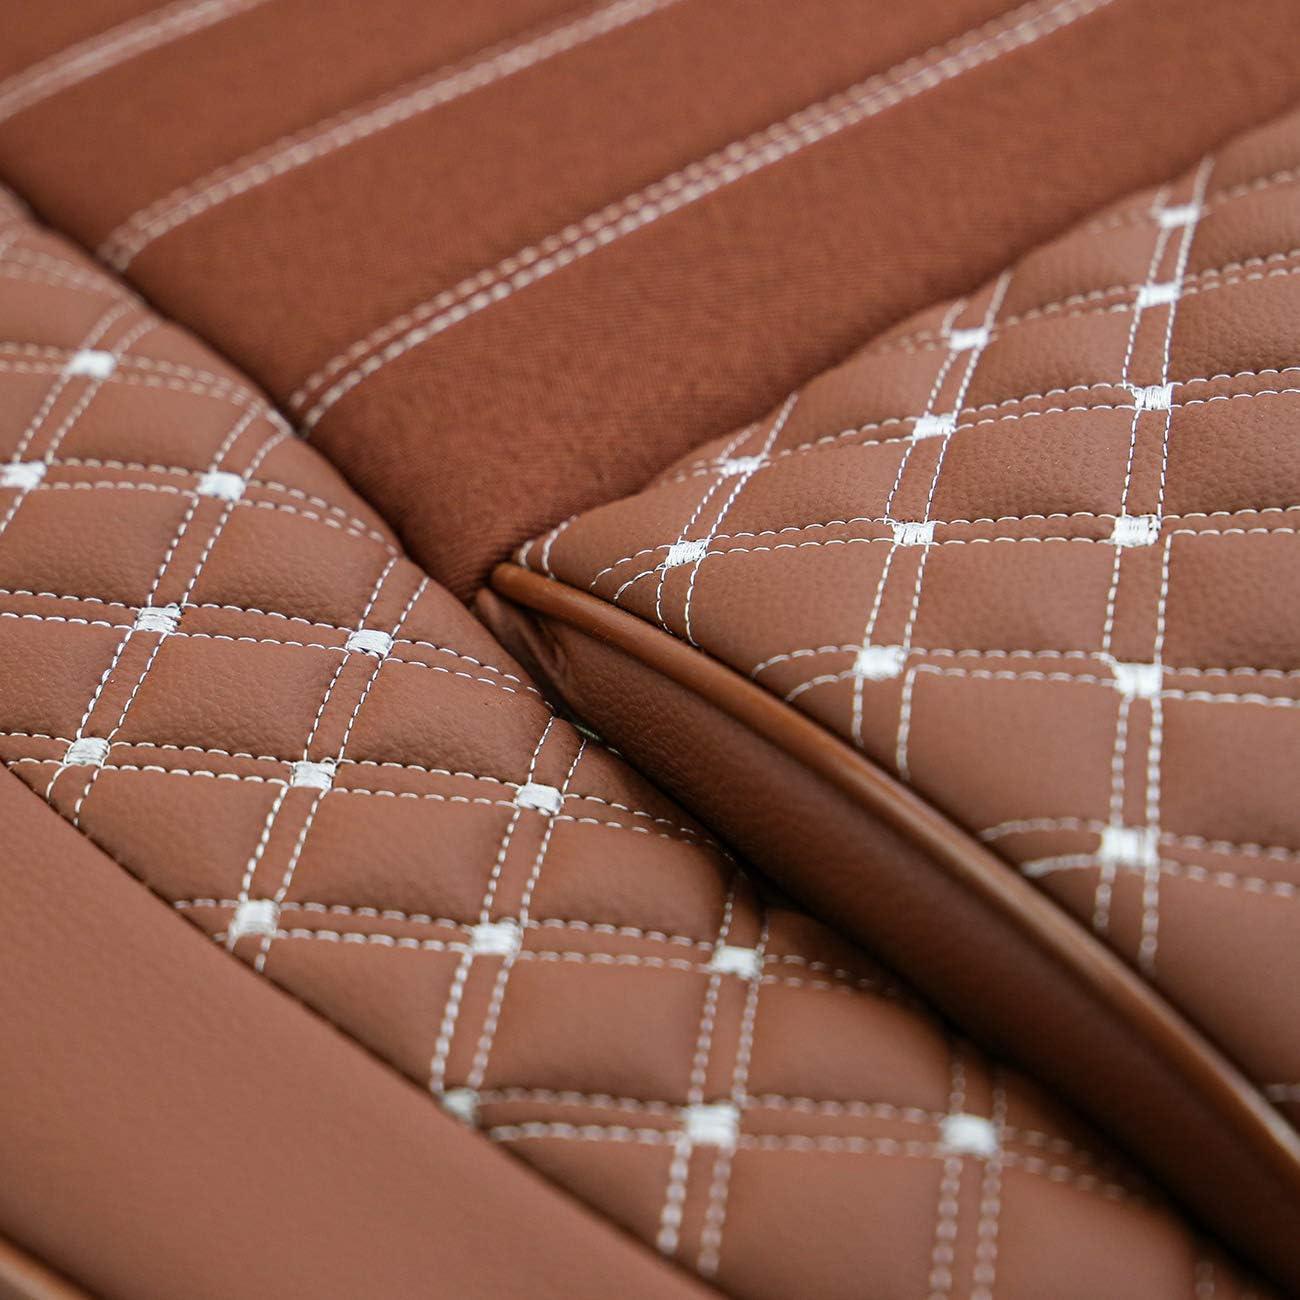 Couleur cannelle Kit complet pour si/èges avant et arri/ère Housses de si/ège de voiture en cuir synth/étique Convient pour Isuzu D-Max /à partir de 2006